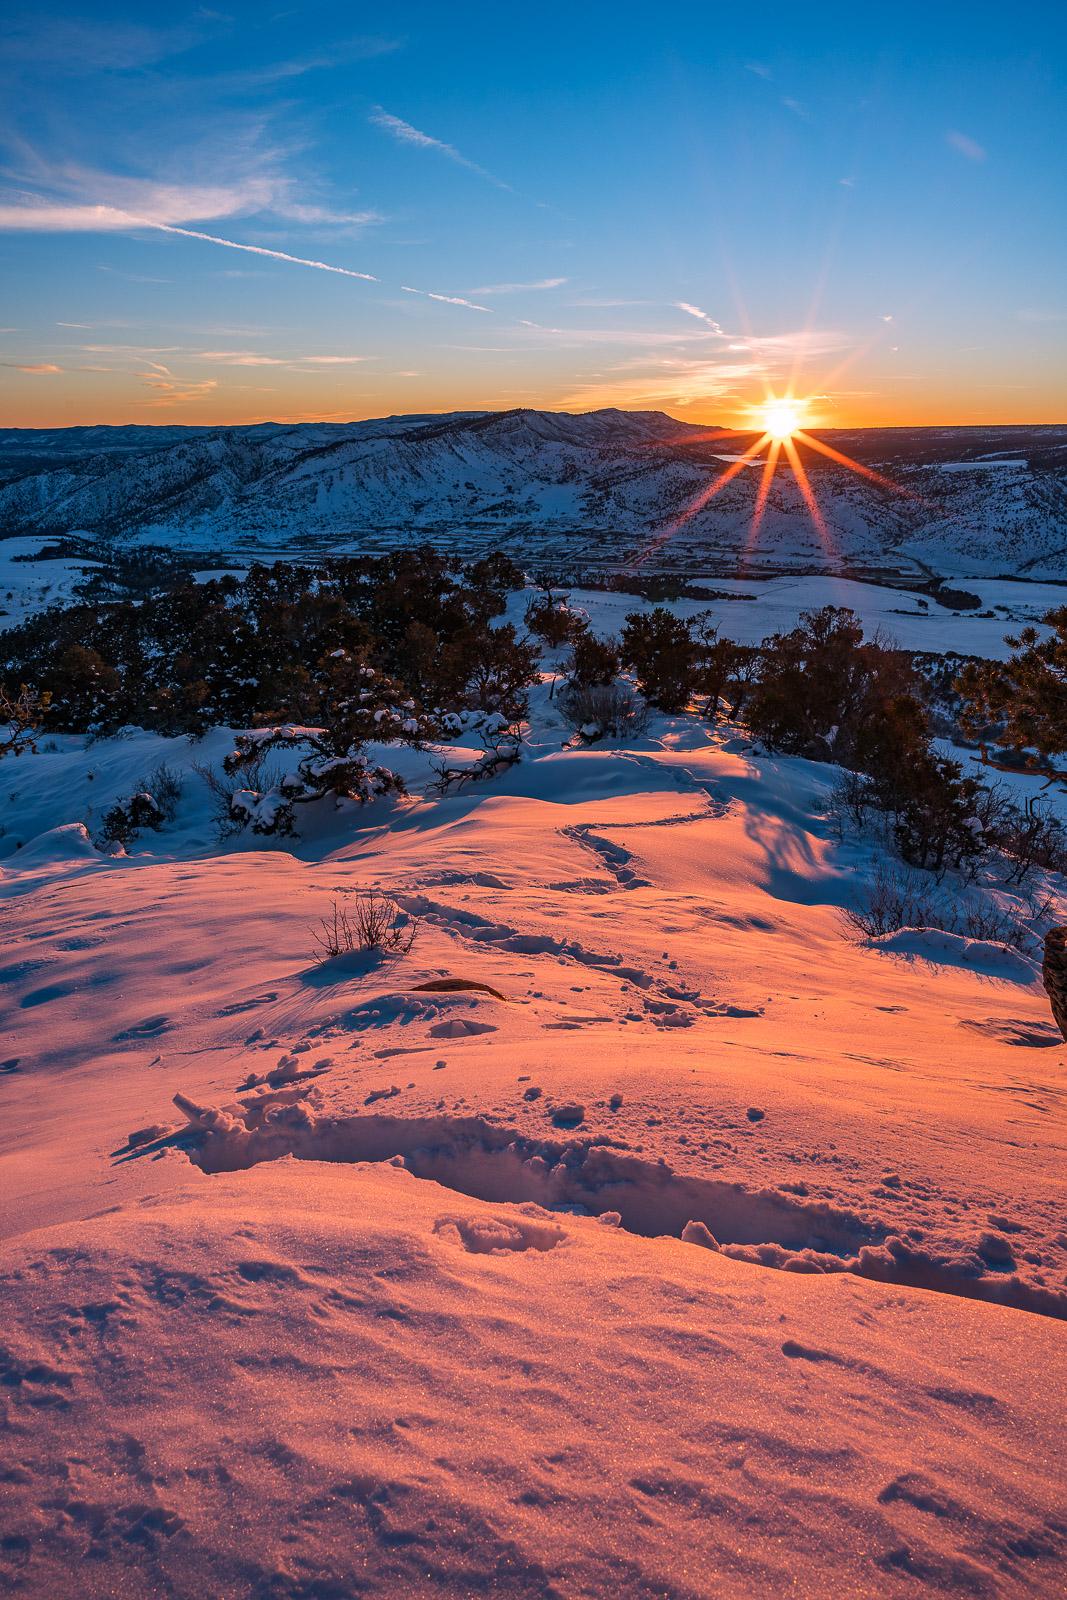 A winter day ends overlooking the Animas Valley near Durango, Colorado.Photo © copyright by Matt Payne.